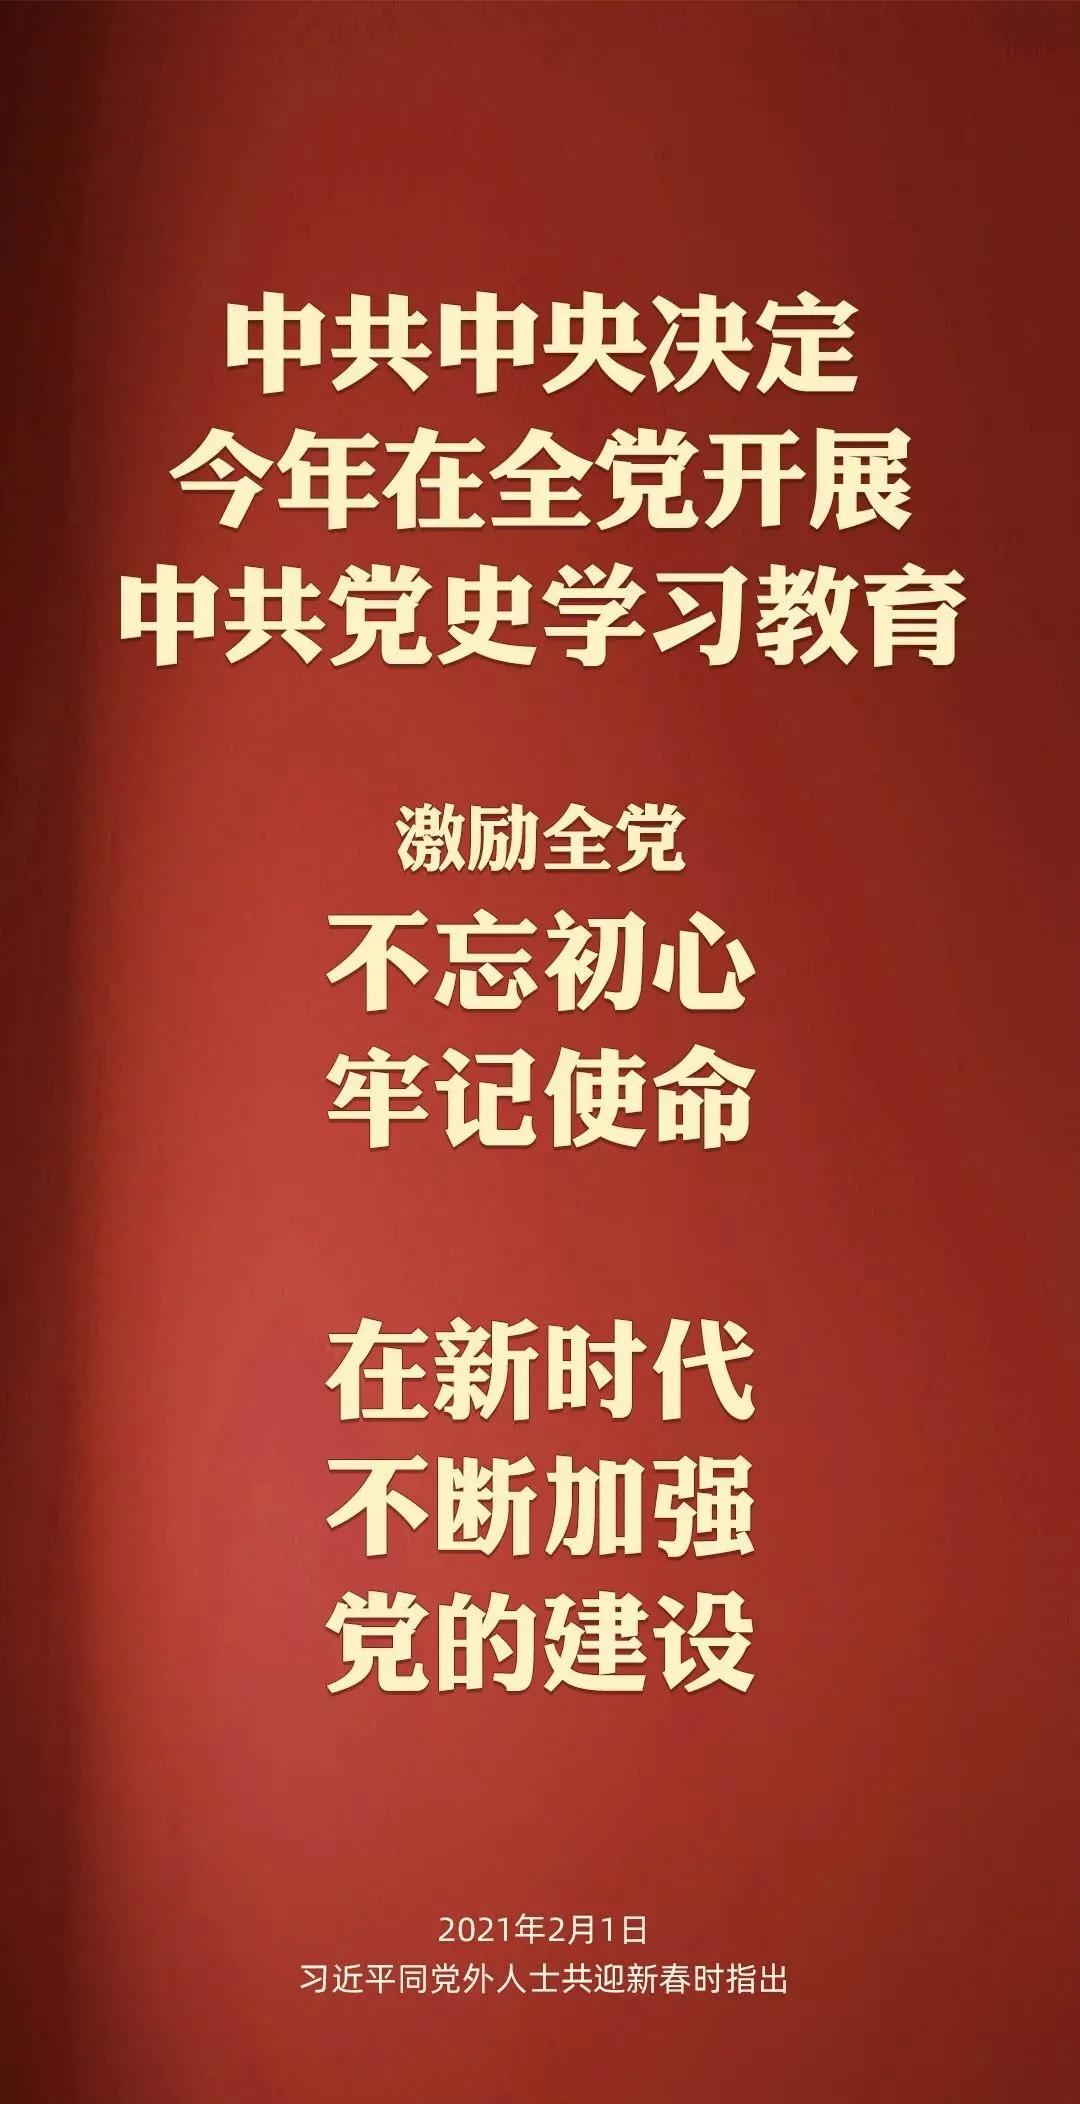 中共中央决定:今年在全党开展中共党史学习教育